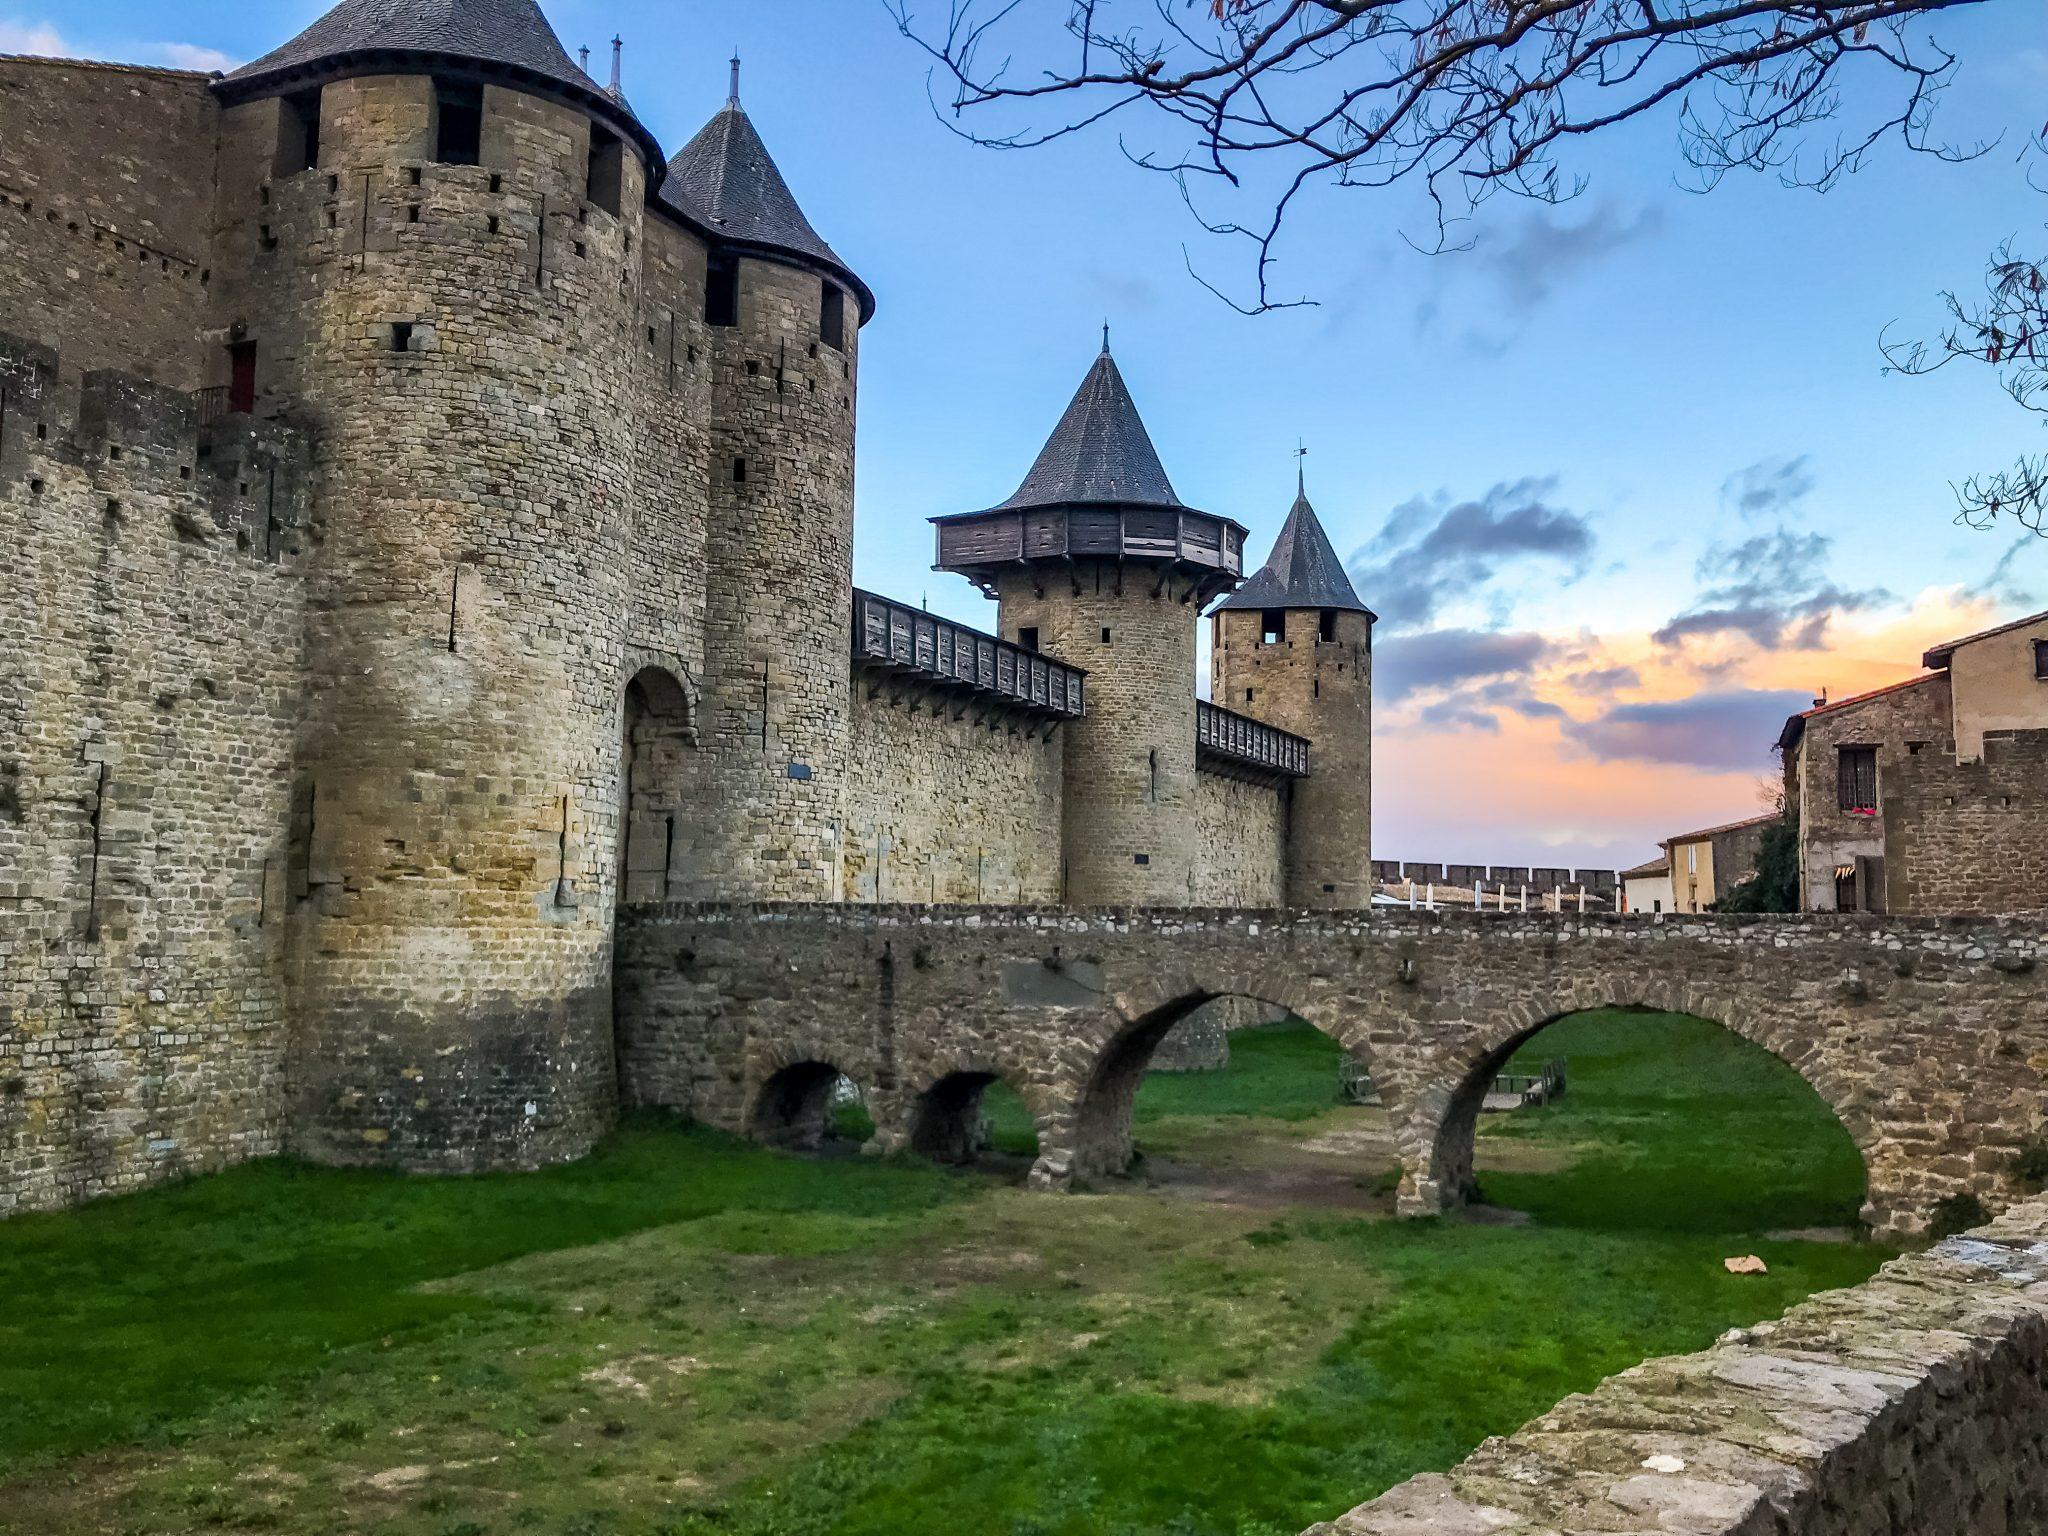 Es wundert mich nicht, dass in Carcassonne sehr viele mittelalterliche Filme gedreht werden.